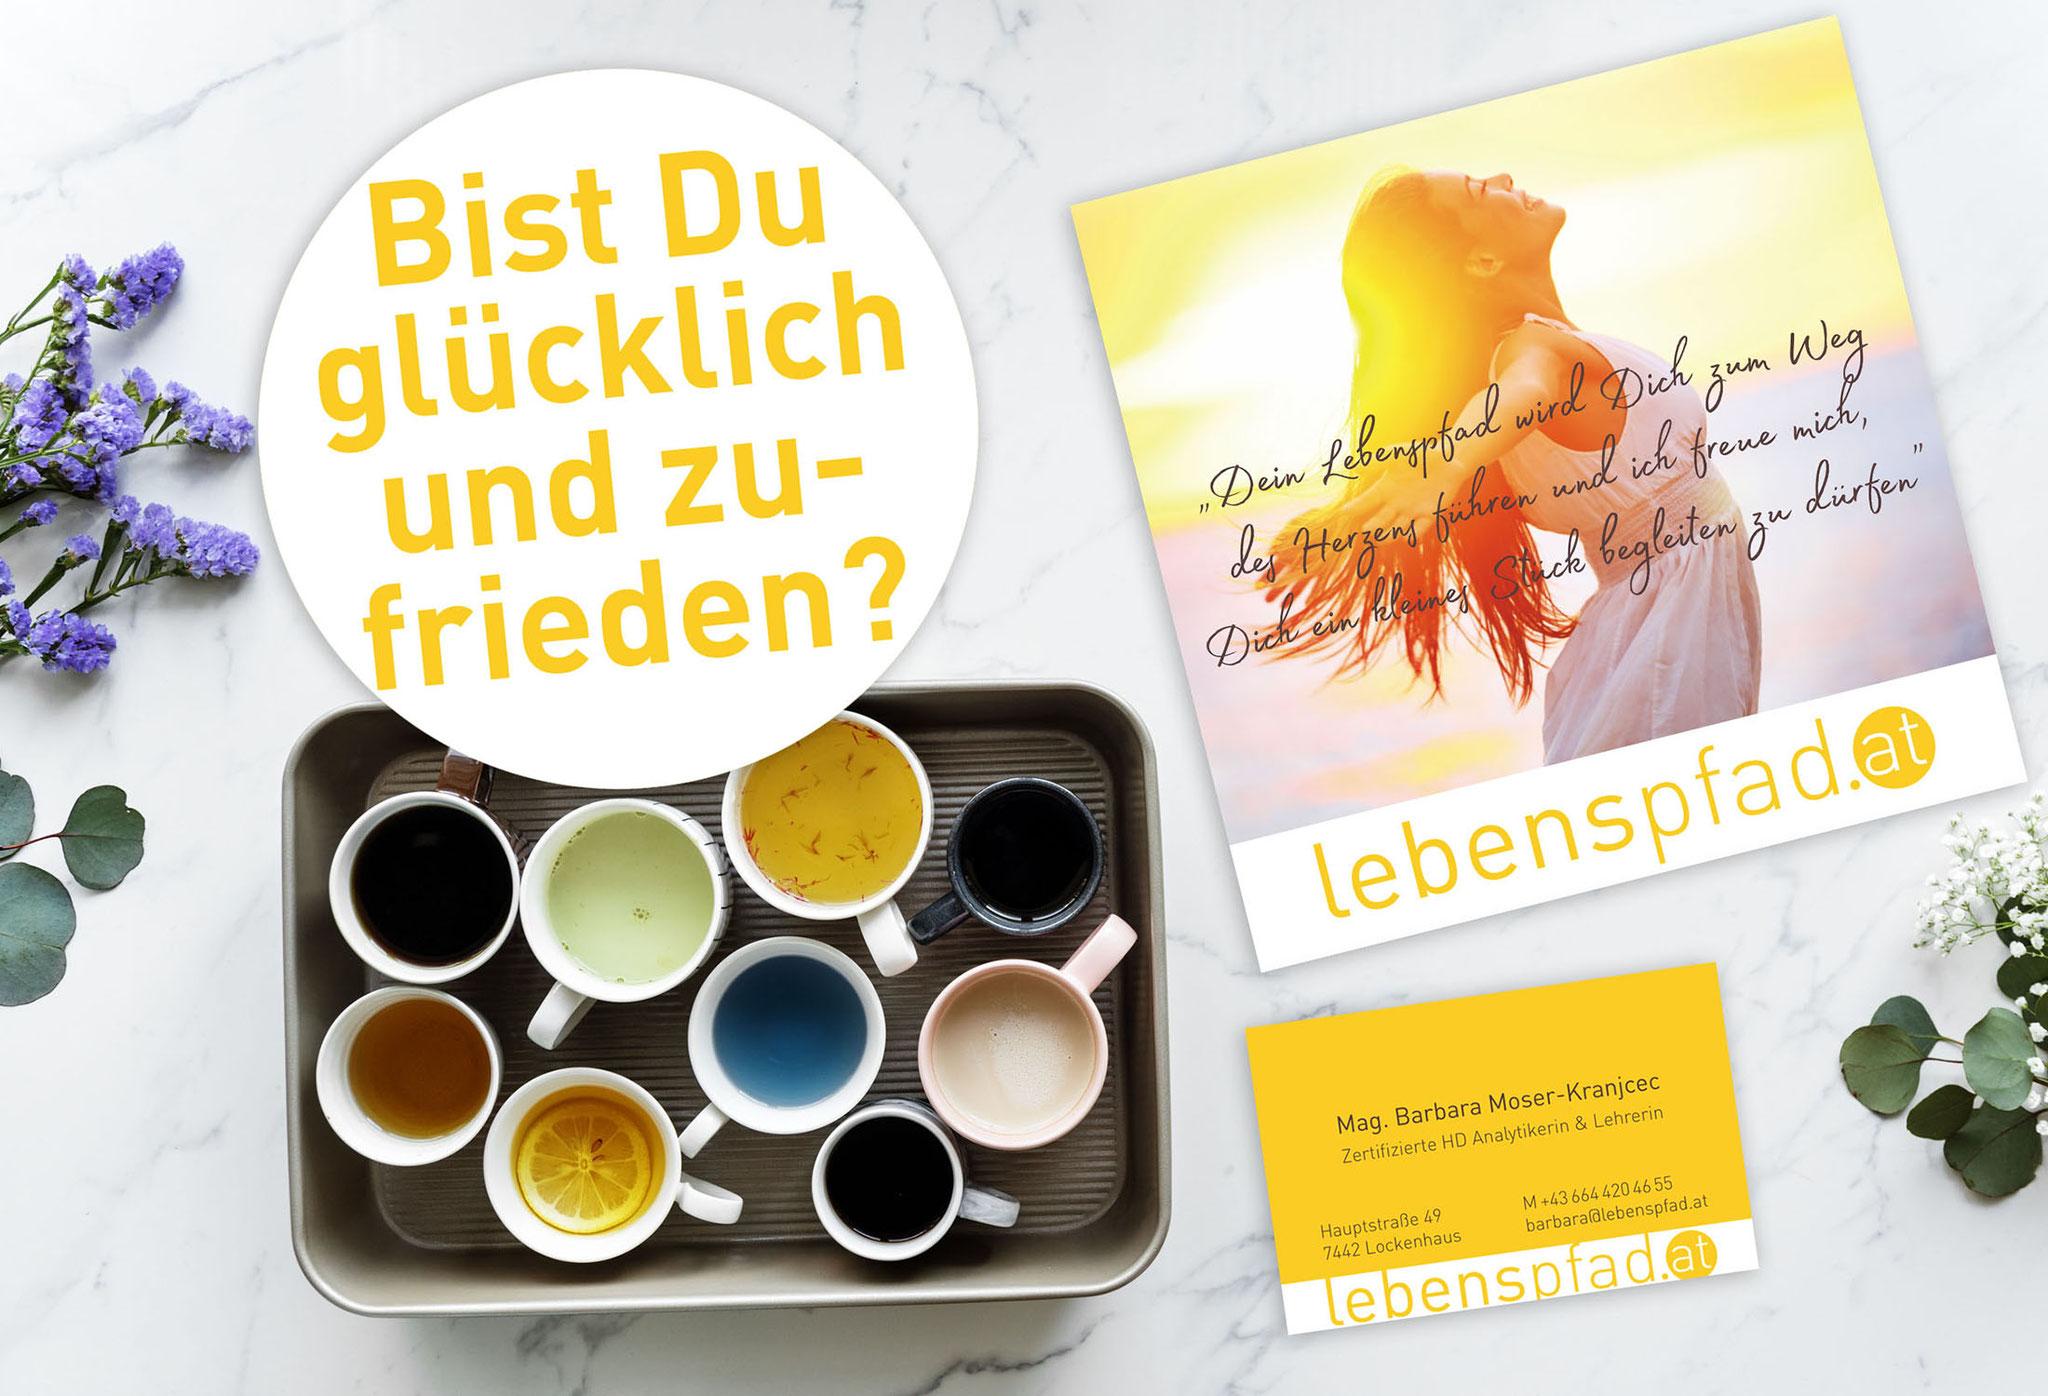 lebenspfad.at | CI, Flyer, Website